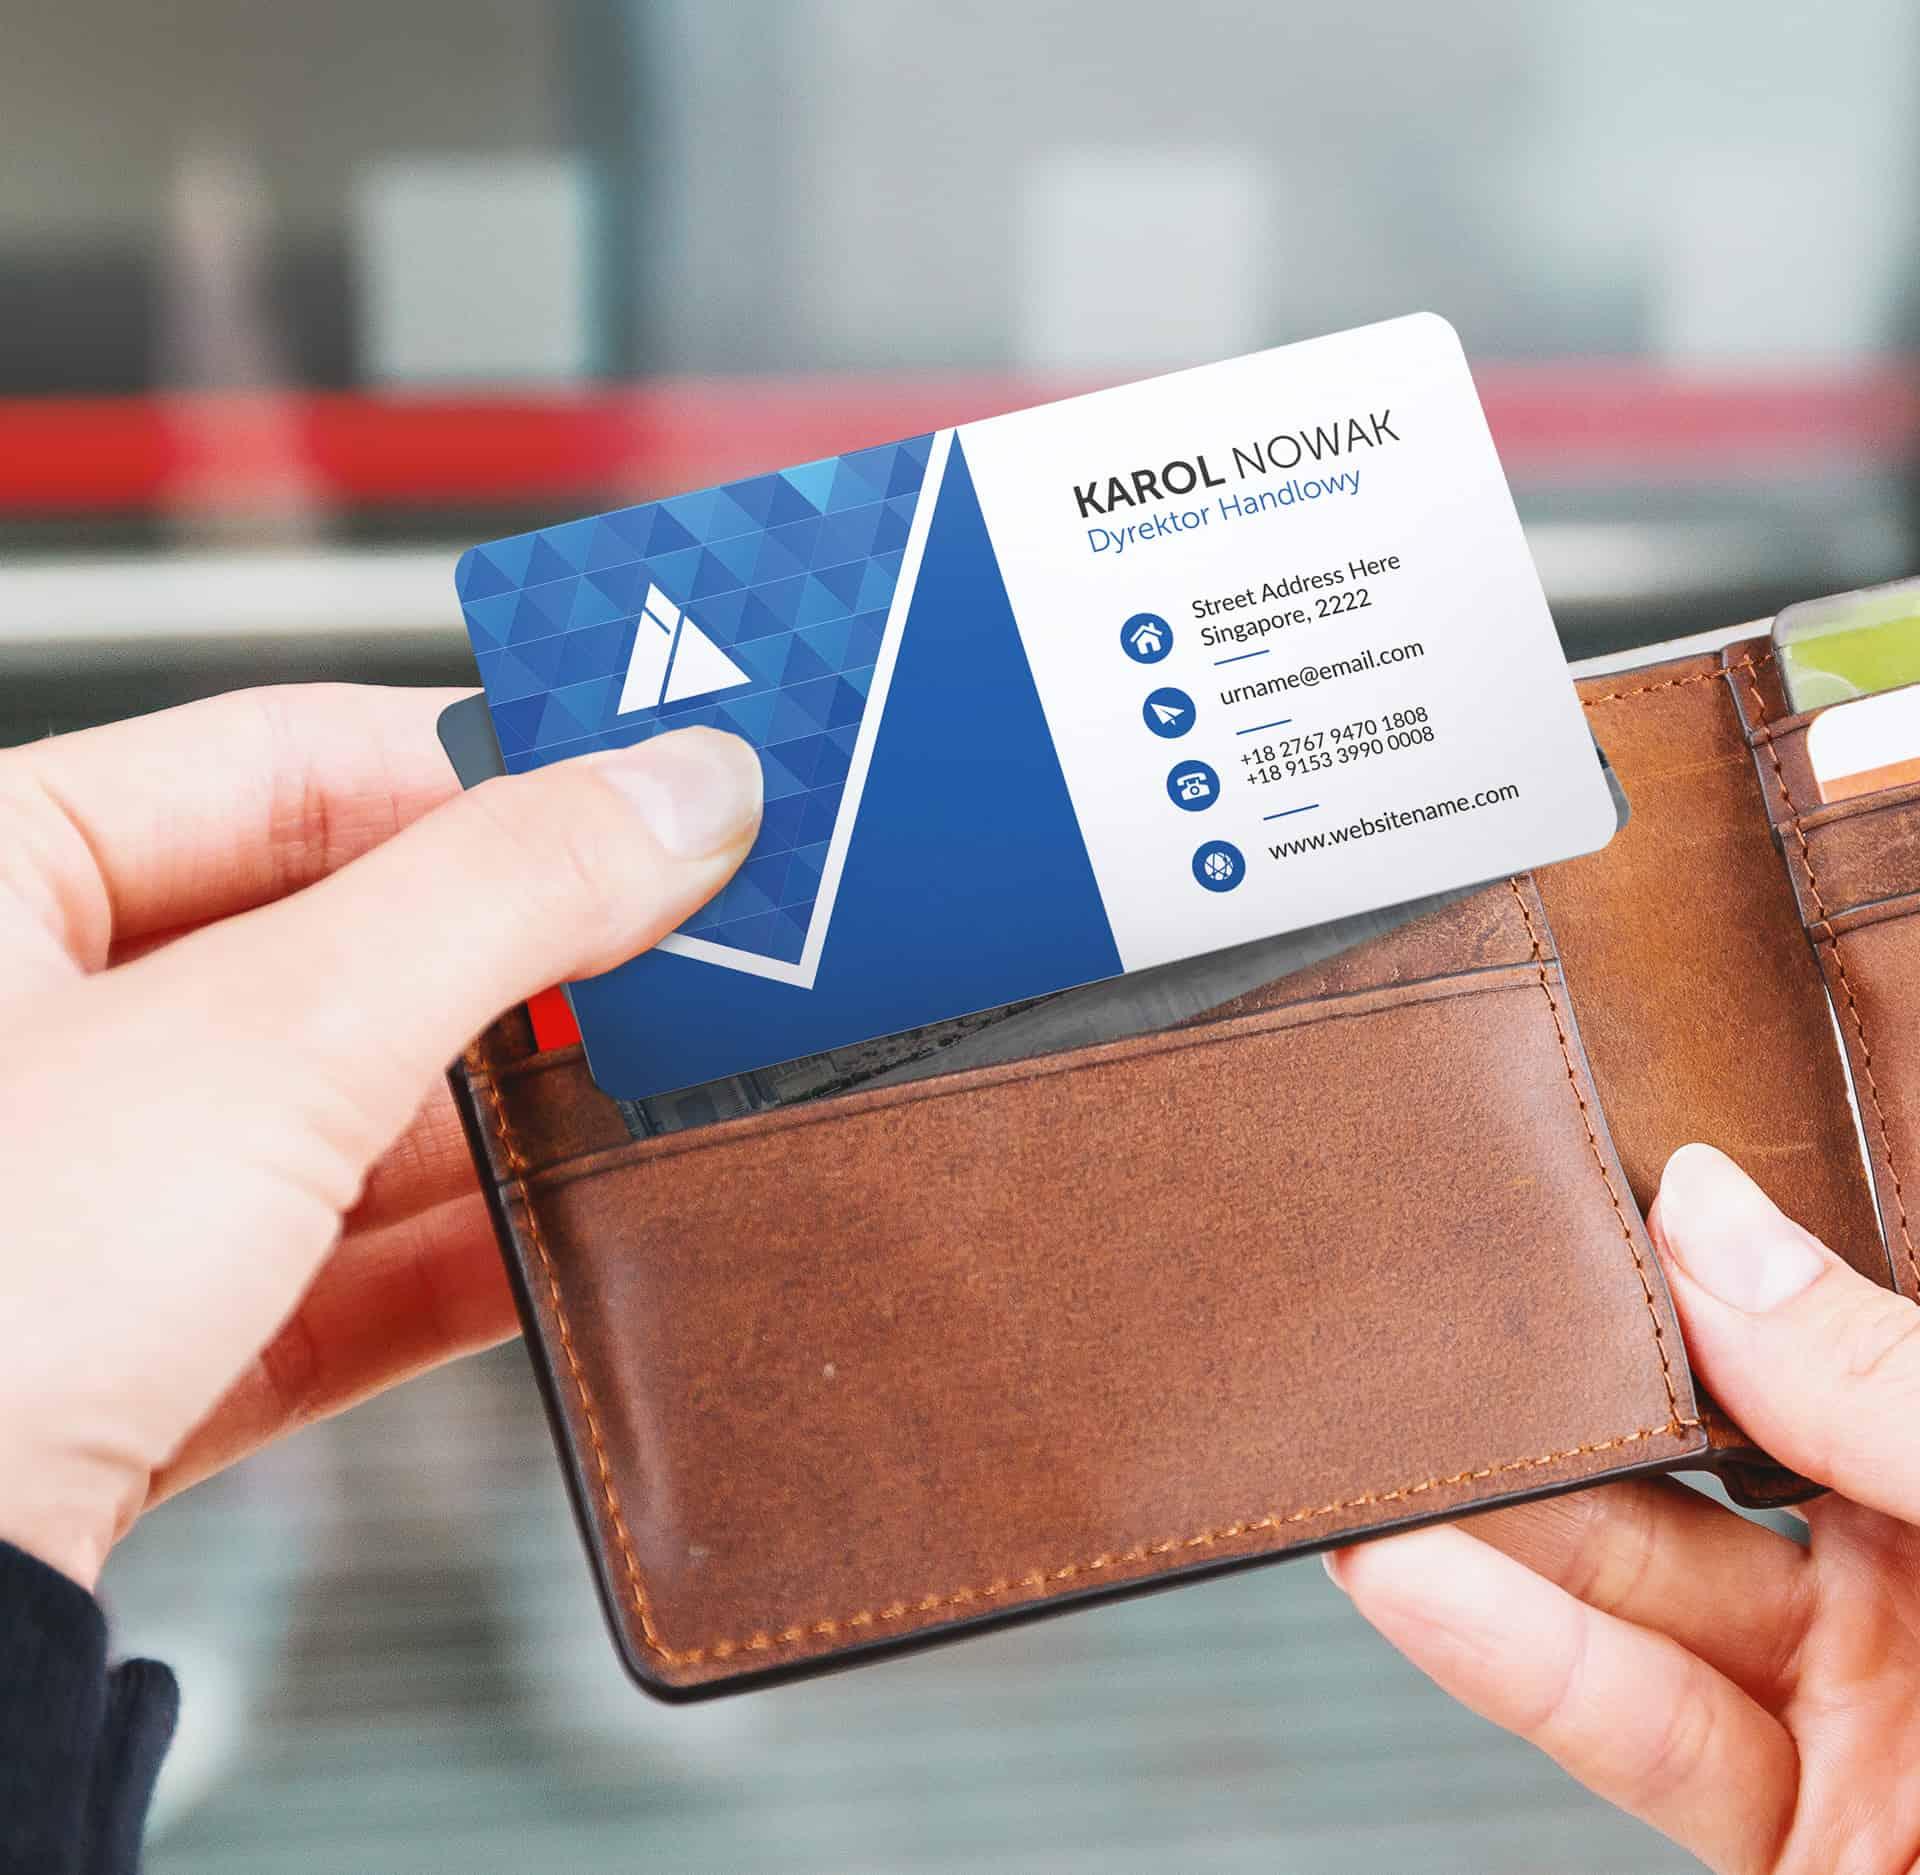 karta z blokadą wyjmowana z portfela, trzymana w ręku